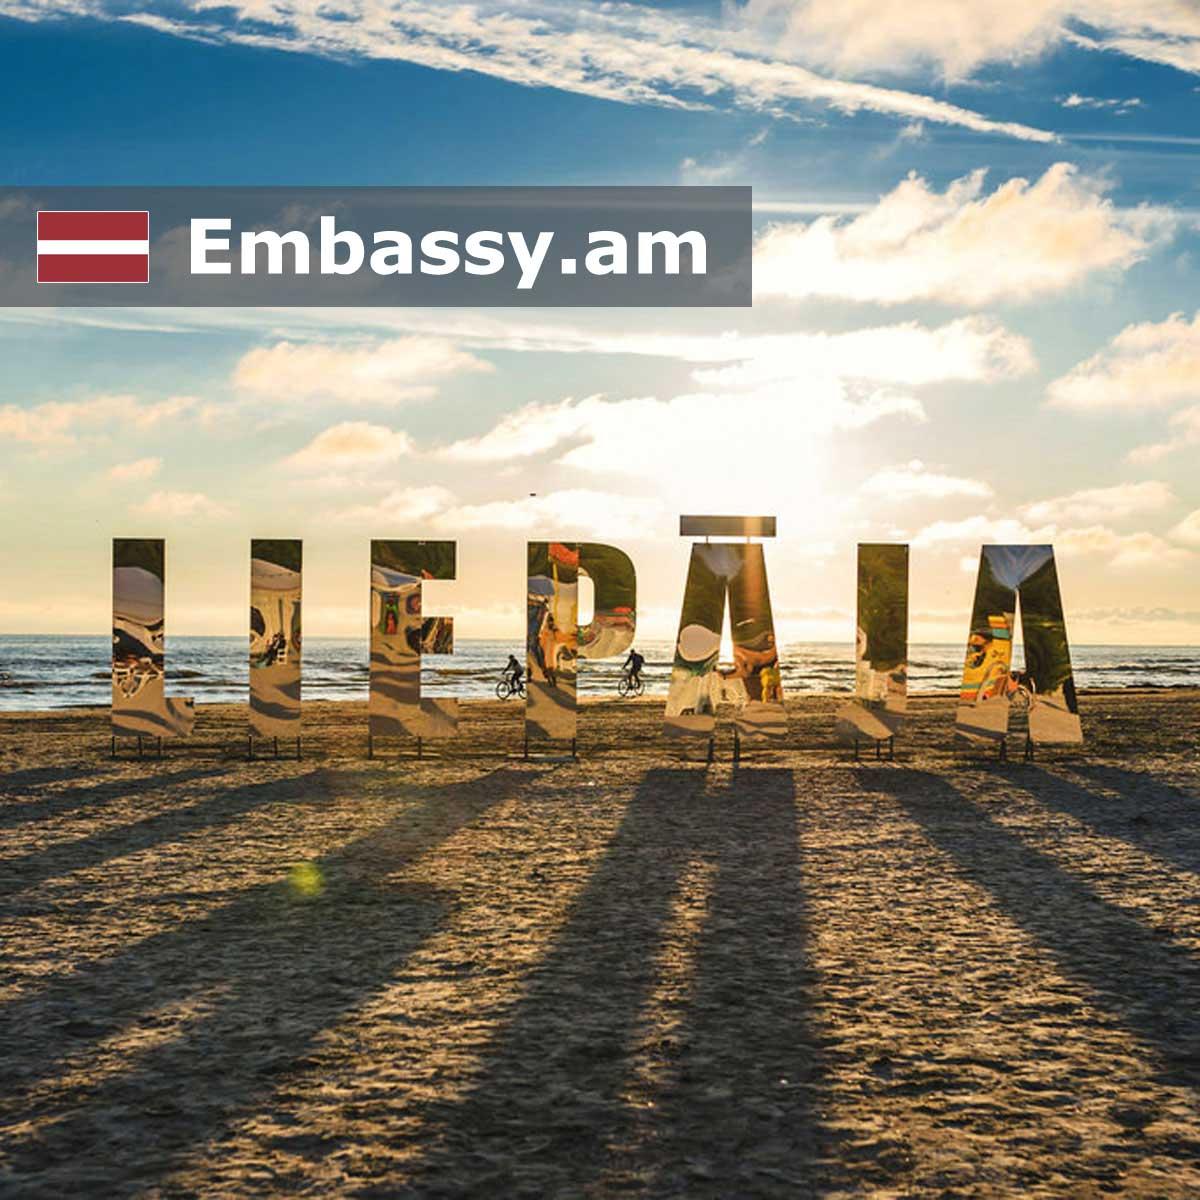 Лиепая - Отели в Латвии - Embassy.am